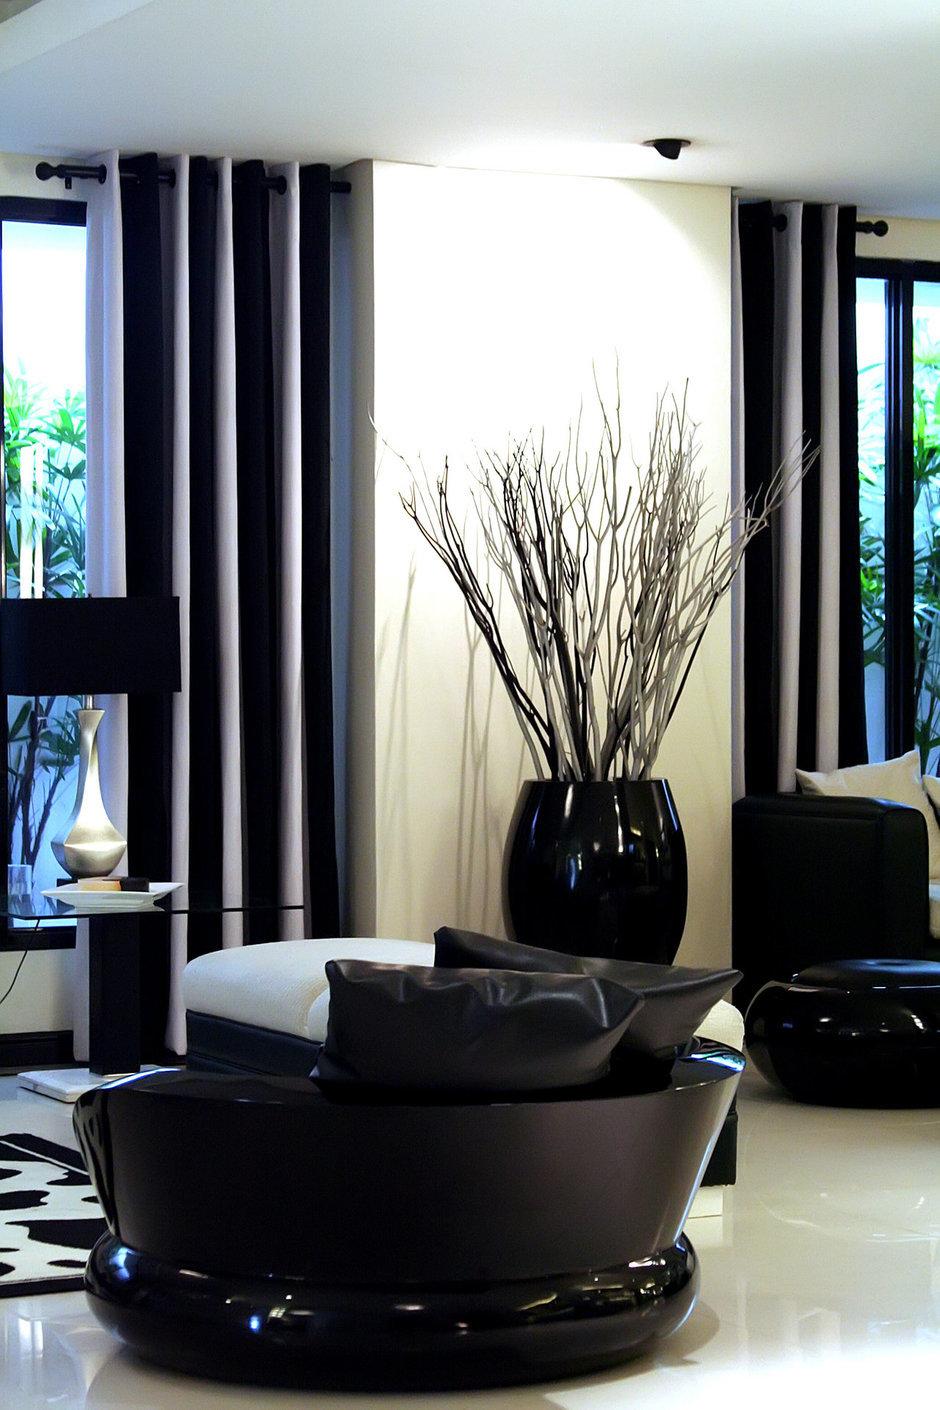 Фотография: Гостиная в стиле Современный, Декор интерьера, Квартира, Дом, Дизайн интерьера, Цвет в интерьере – фото на InMyRoom.ru